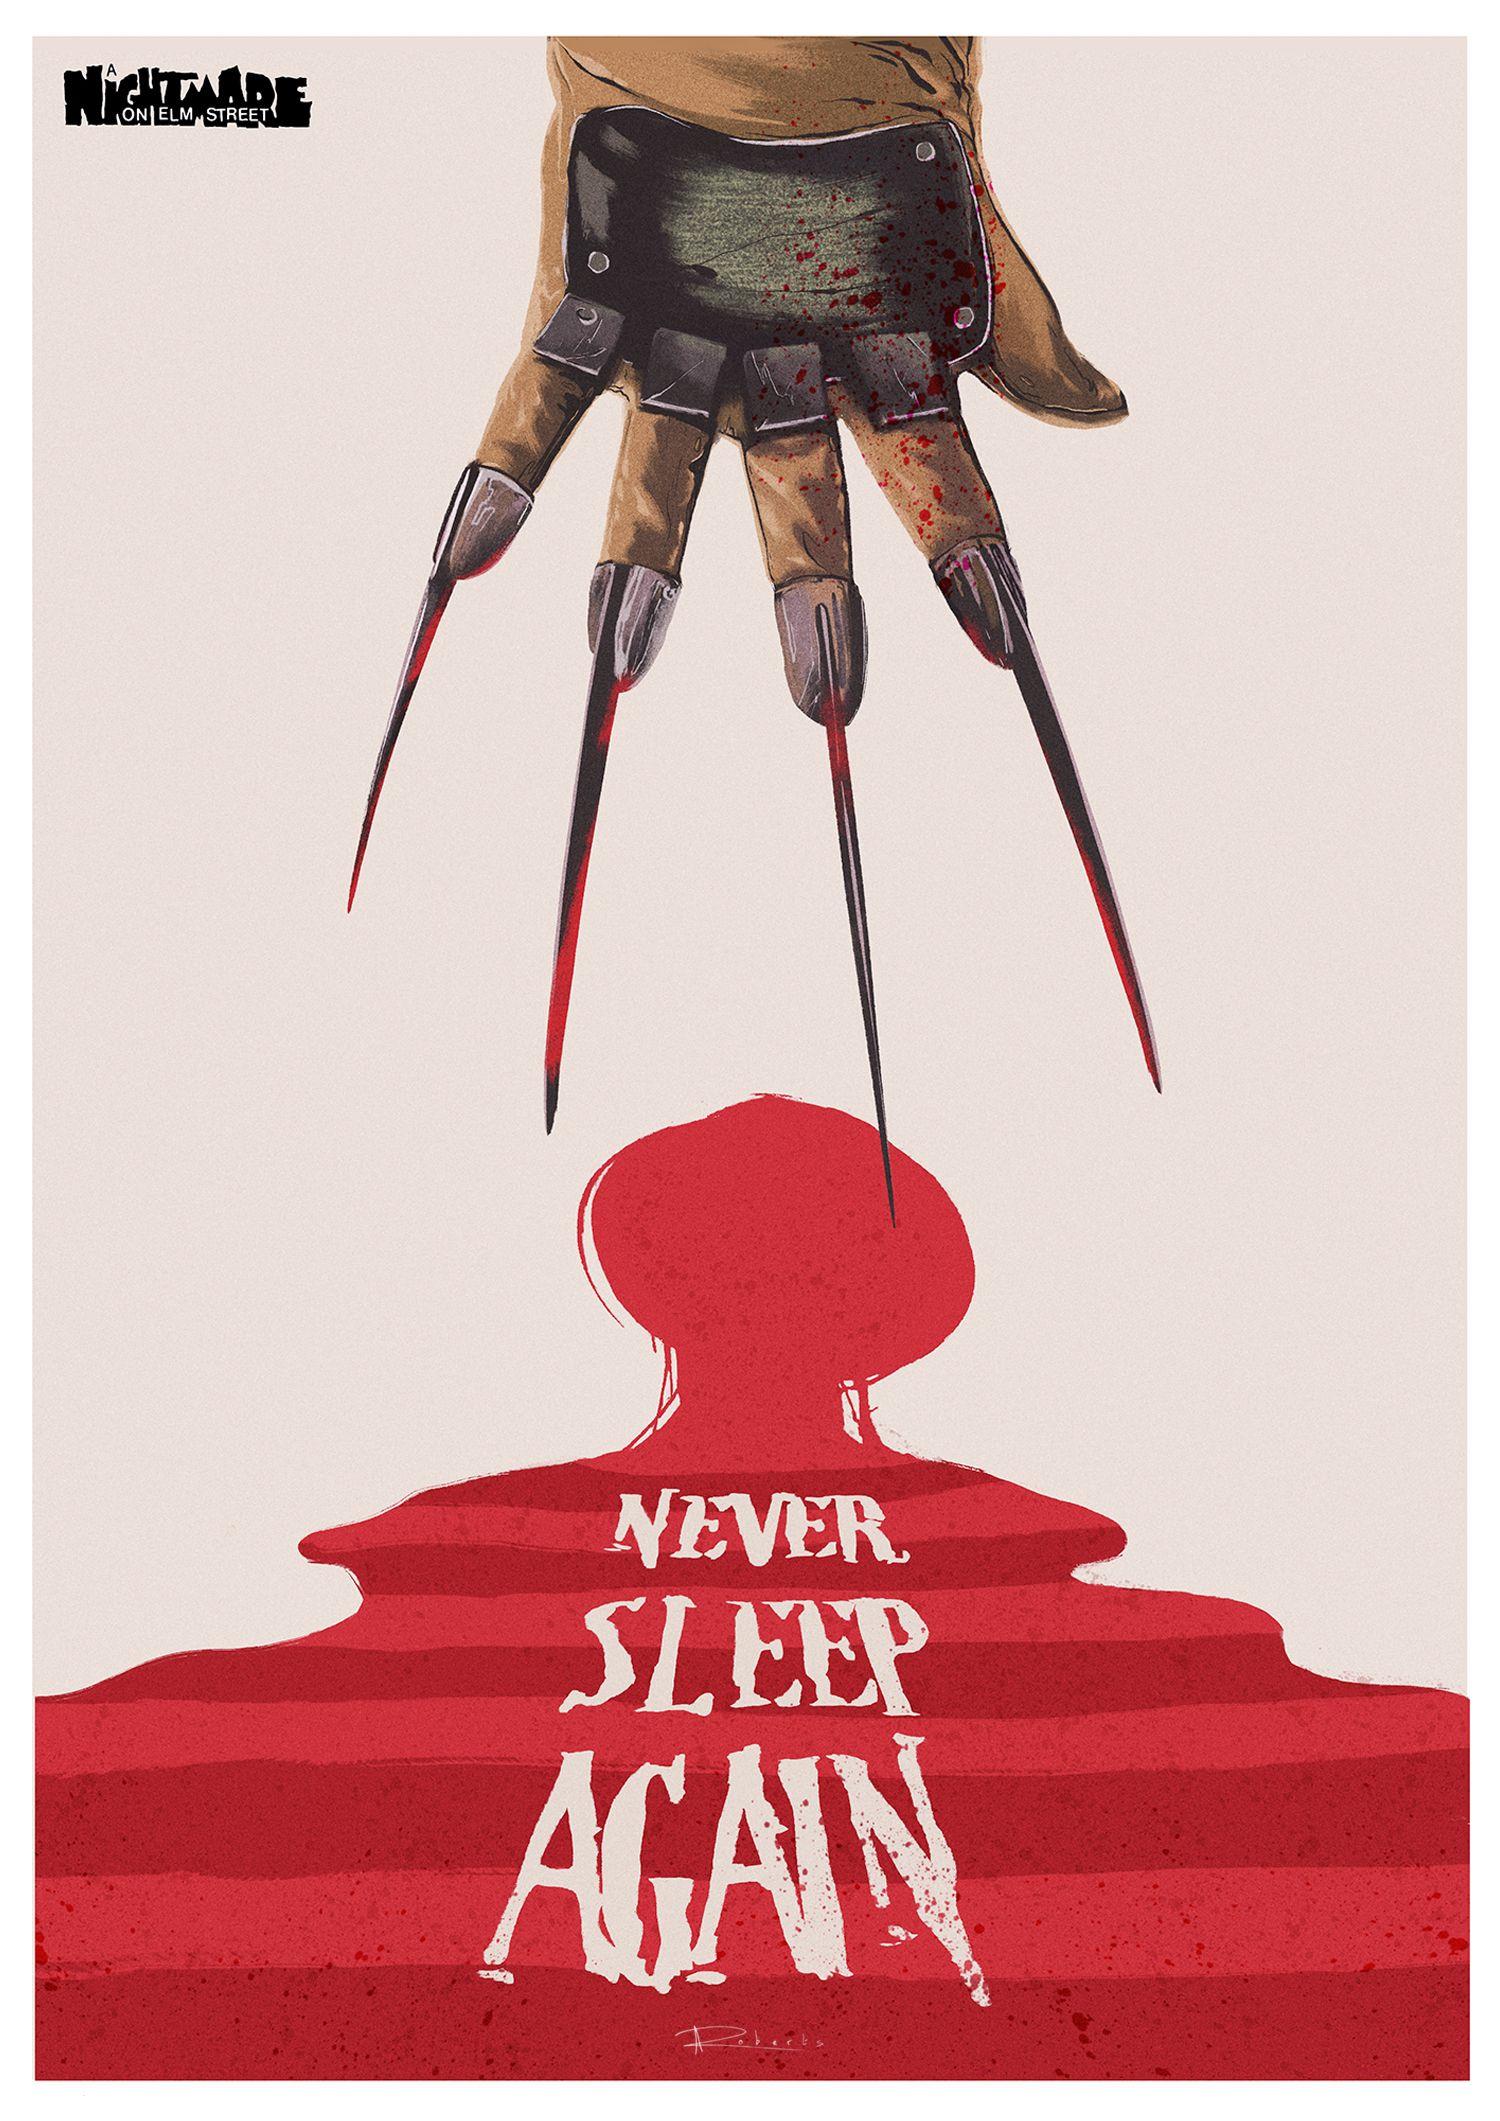 Nightmare On Elm Street Minimalist Alternative Poster